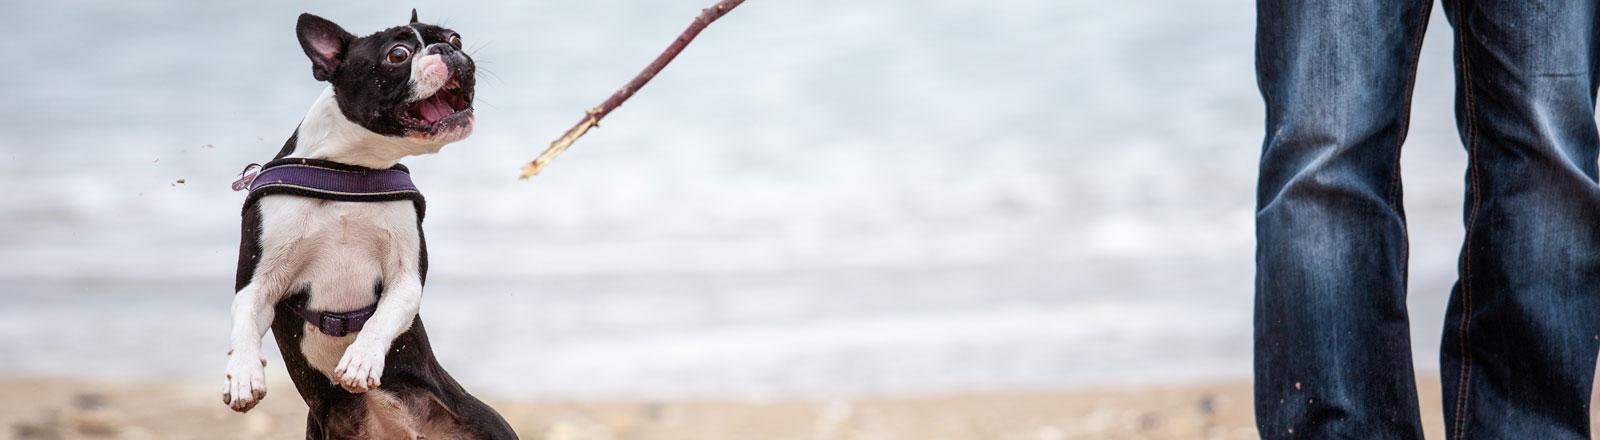 Ein Mann geht mit einem Hund am Strand spazieren.